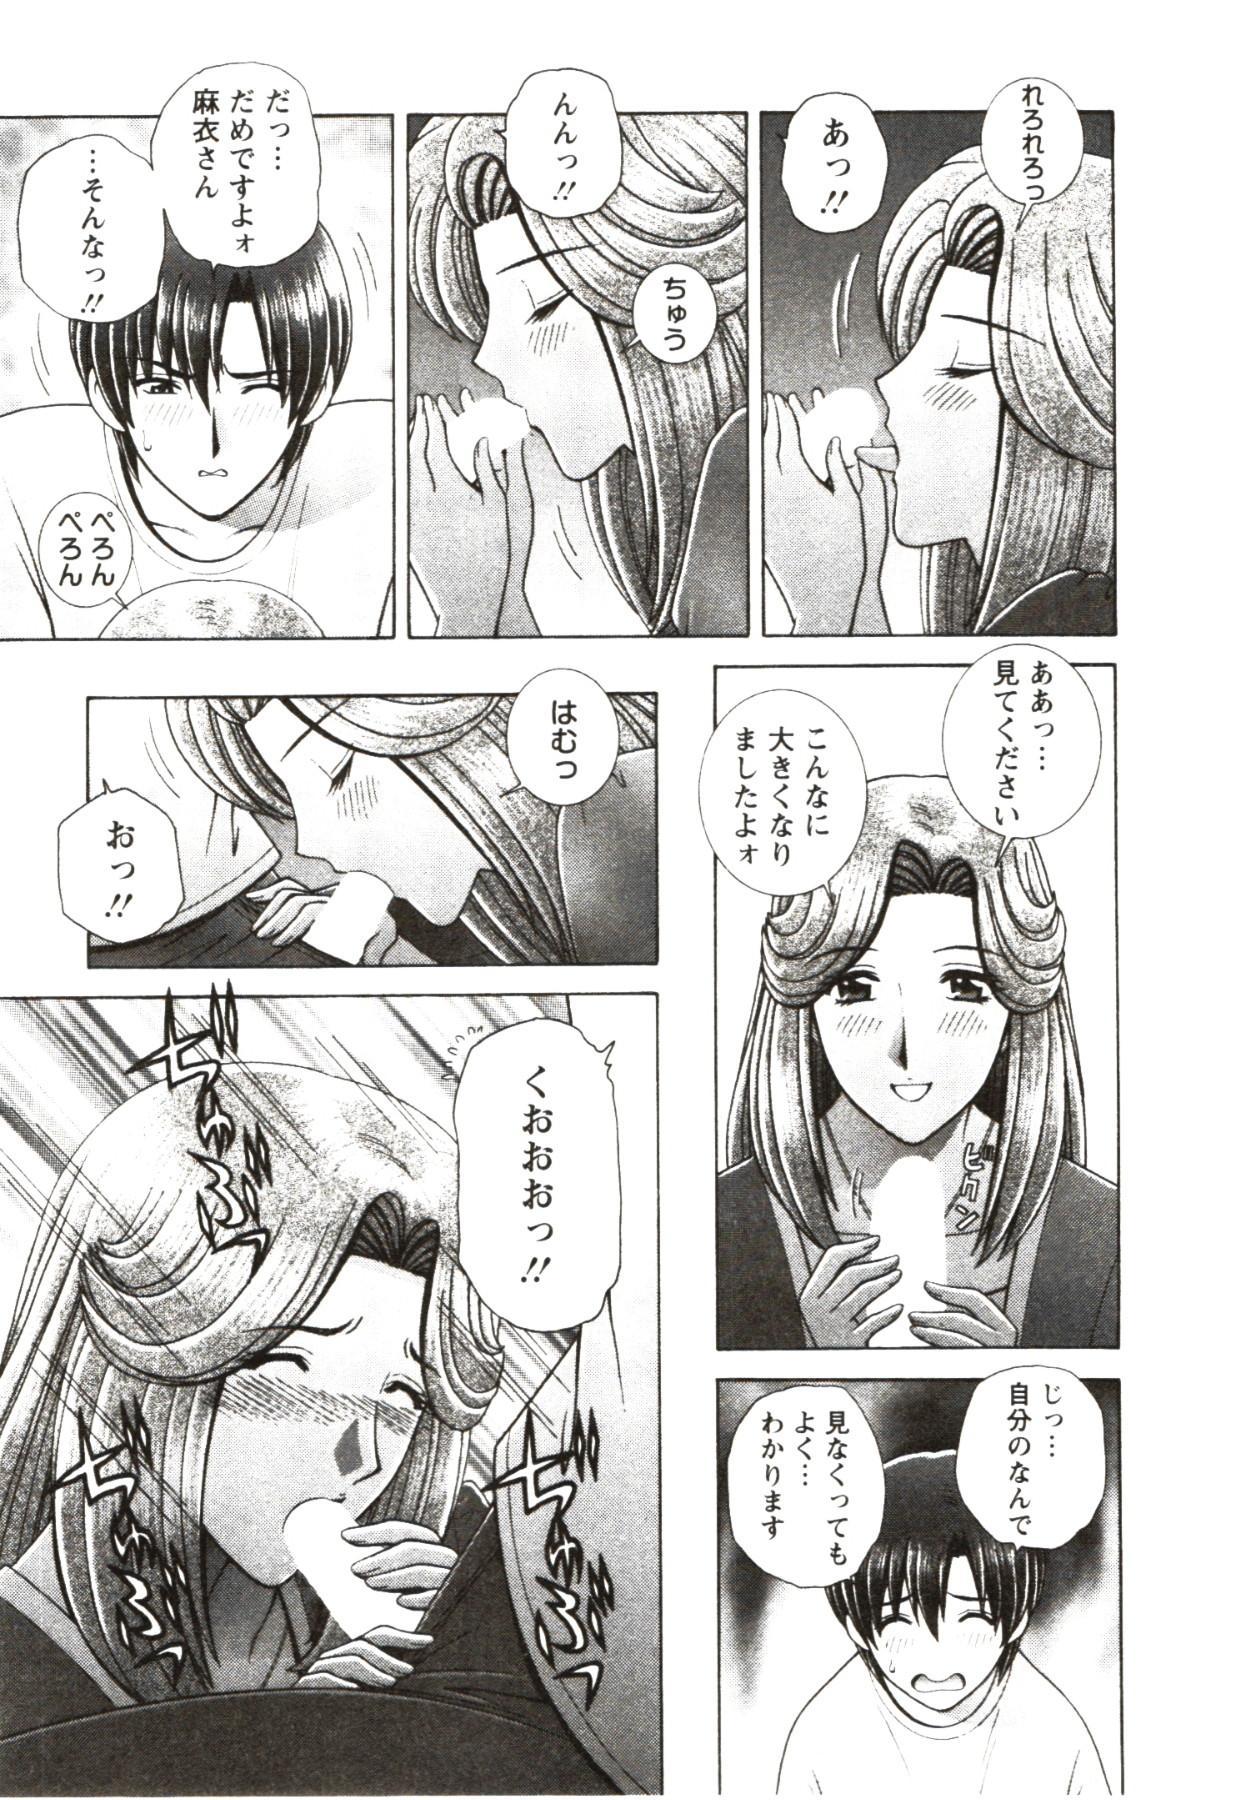 Futarigurashi 120